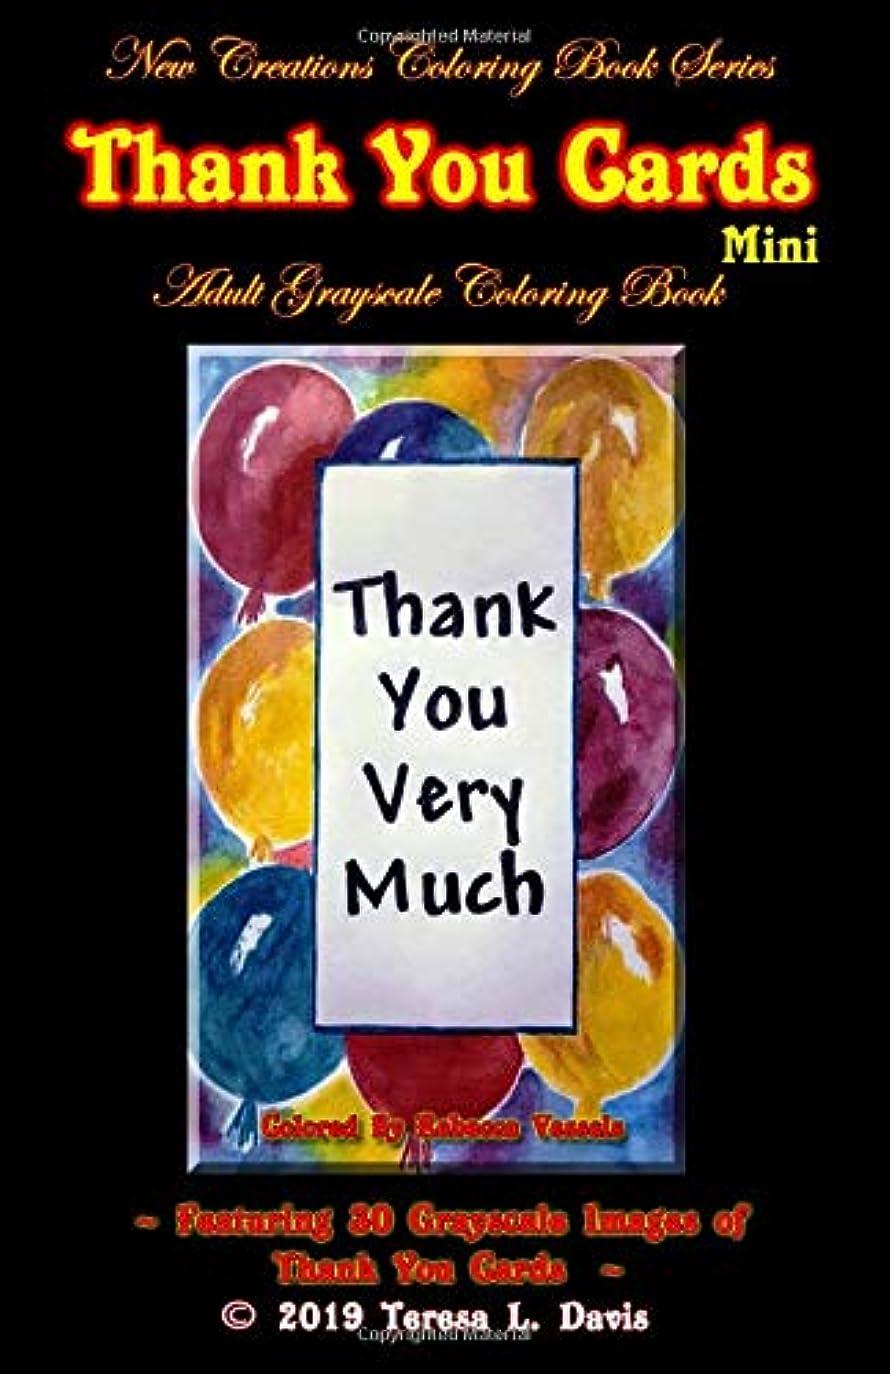 する使い込むカードNew Creations Coloring Book Series: Thank You Cards Mini